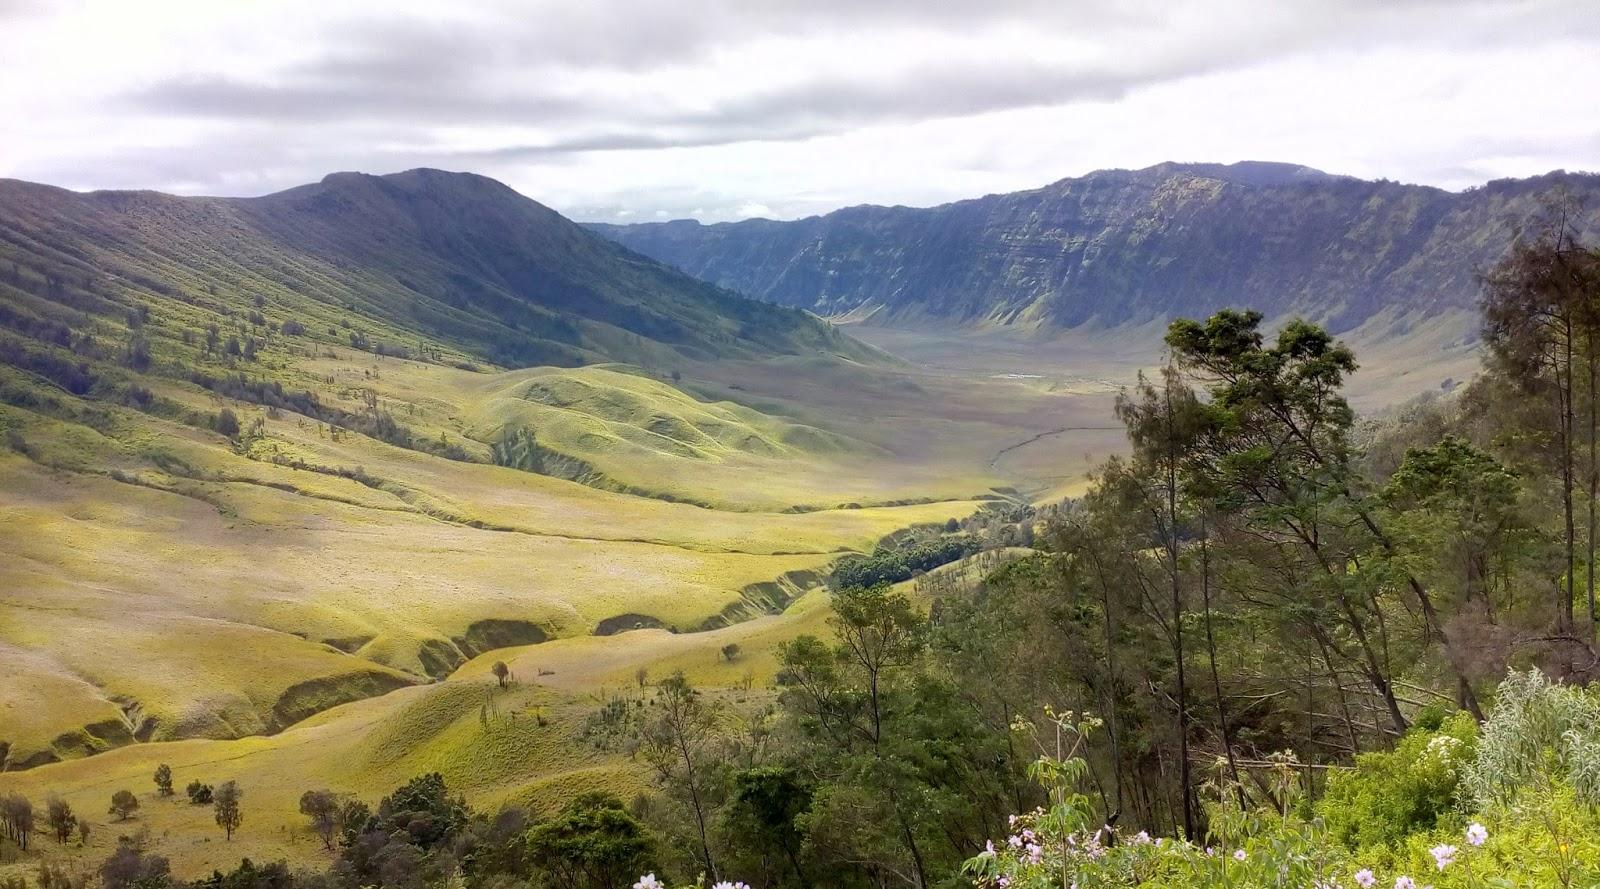 tempat wisata indonesia wajib dikunjungi bukit teletubies harga tempat wisata indonesia wajib dikunjungi